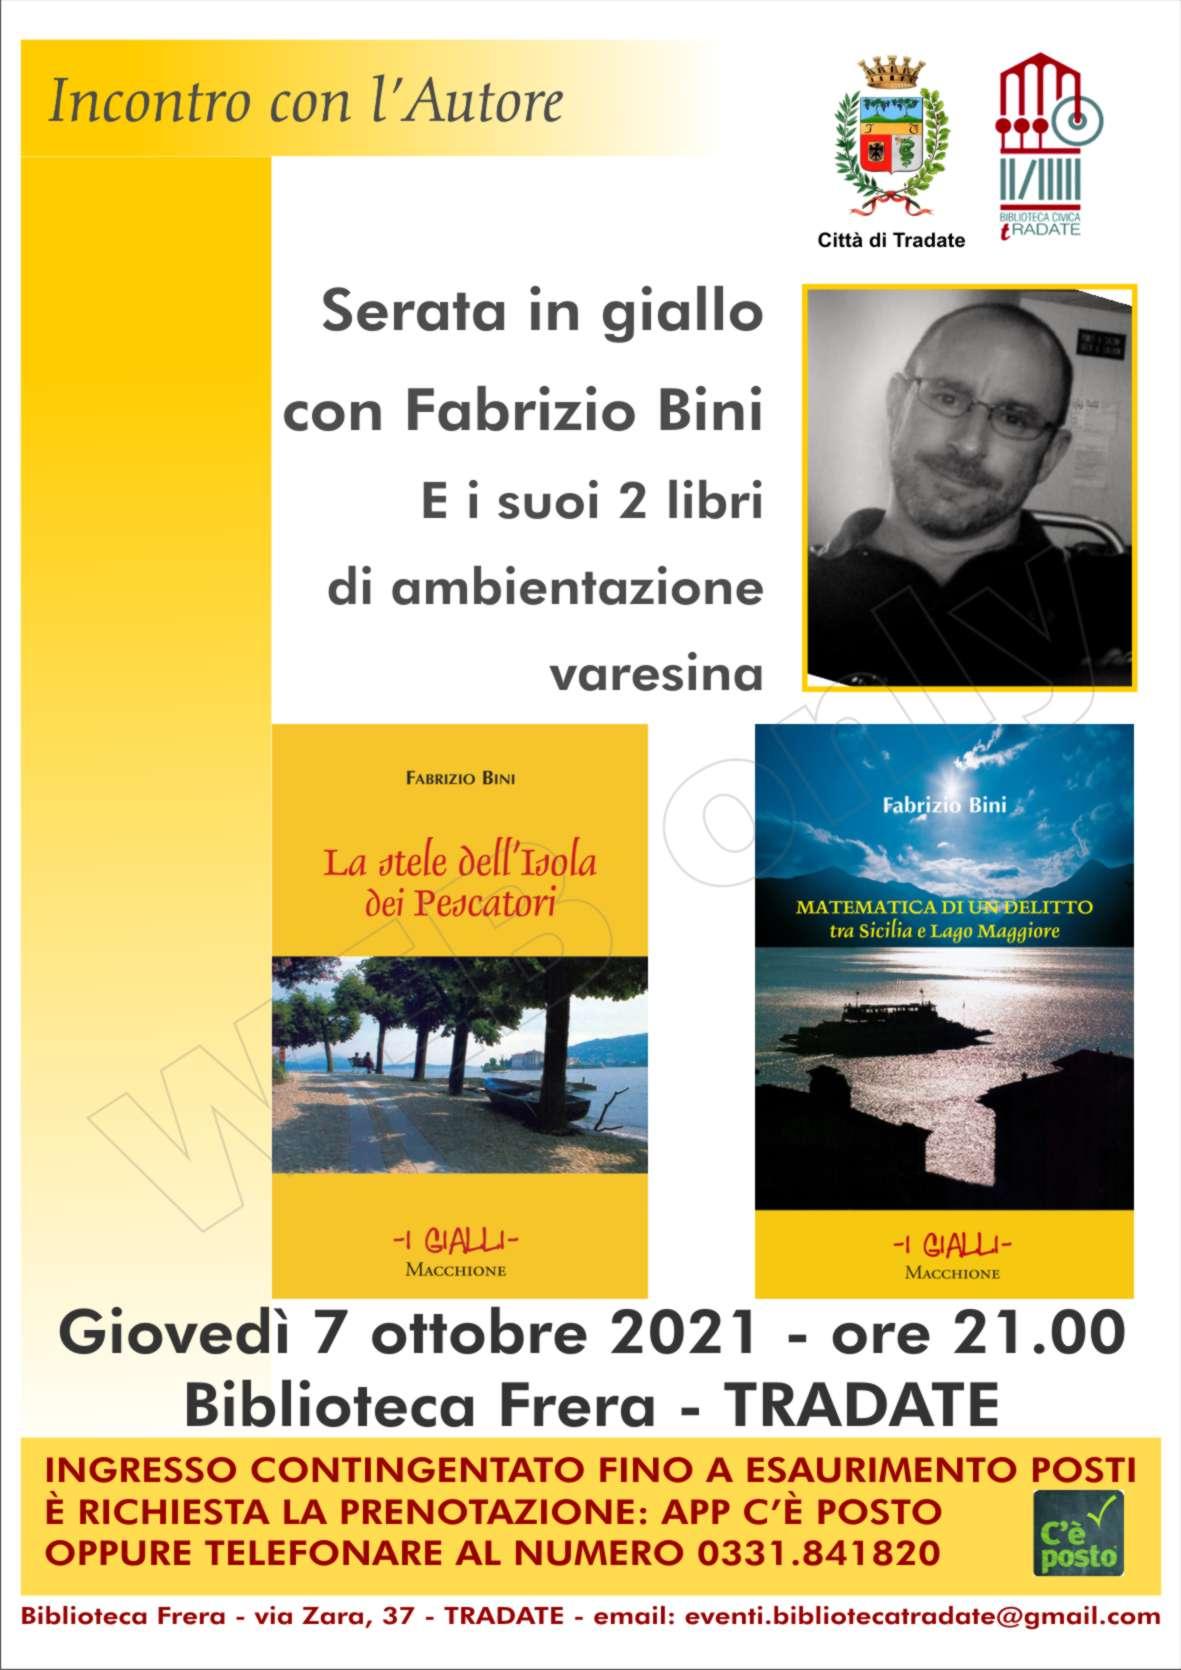 Serata in giallo con Fabrizio Bini